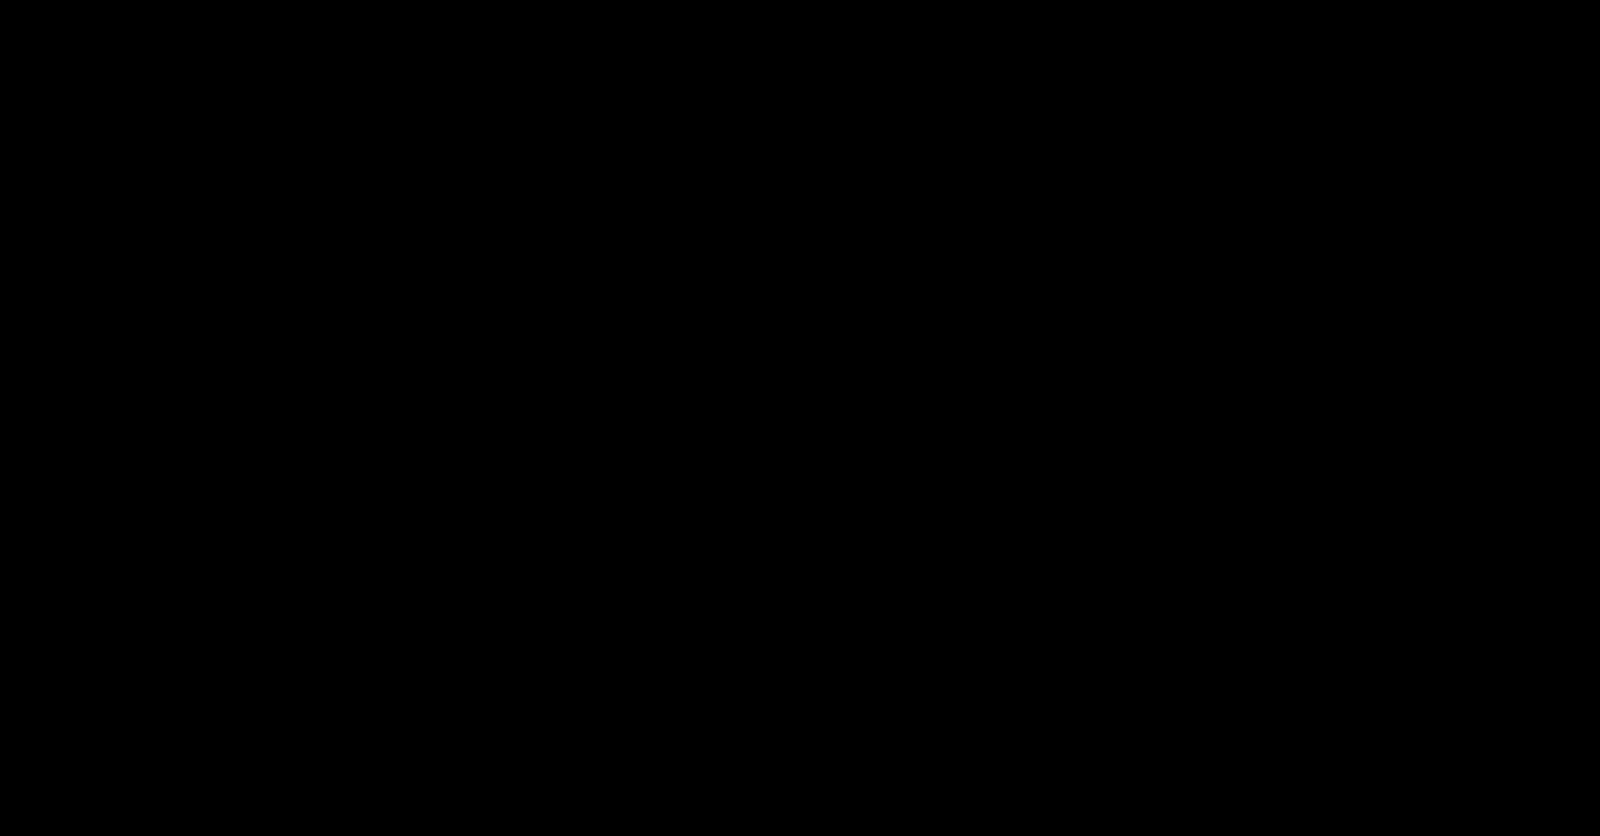 Batman Transparent Background Clipart - Clipart Kid